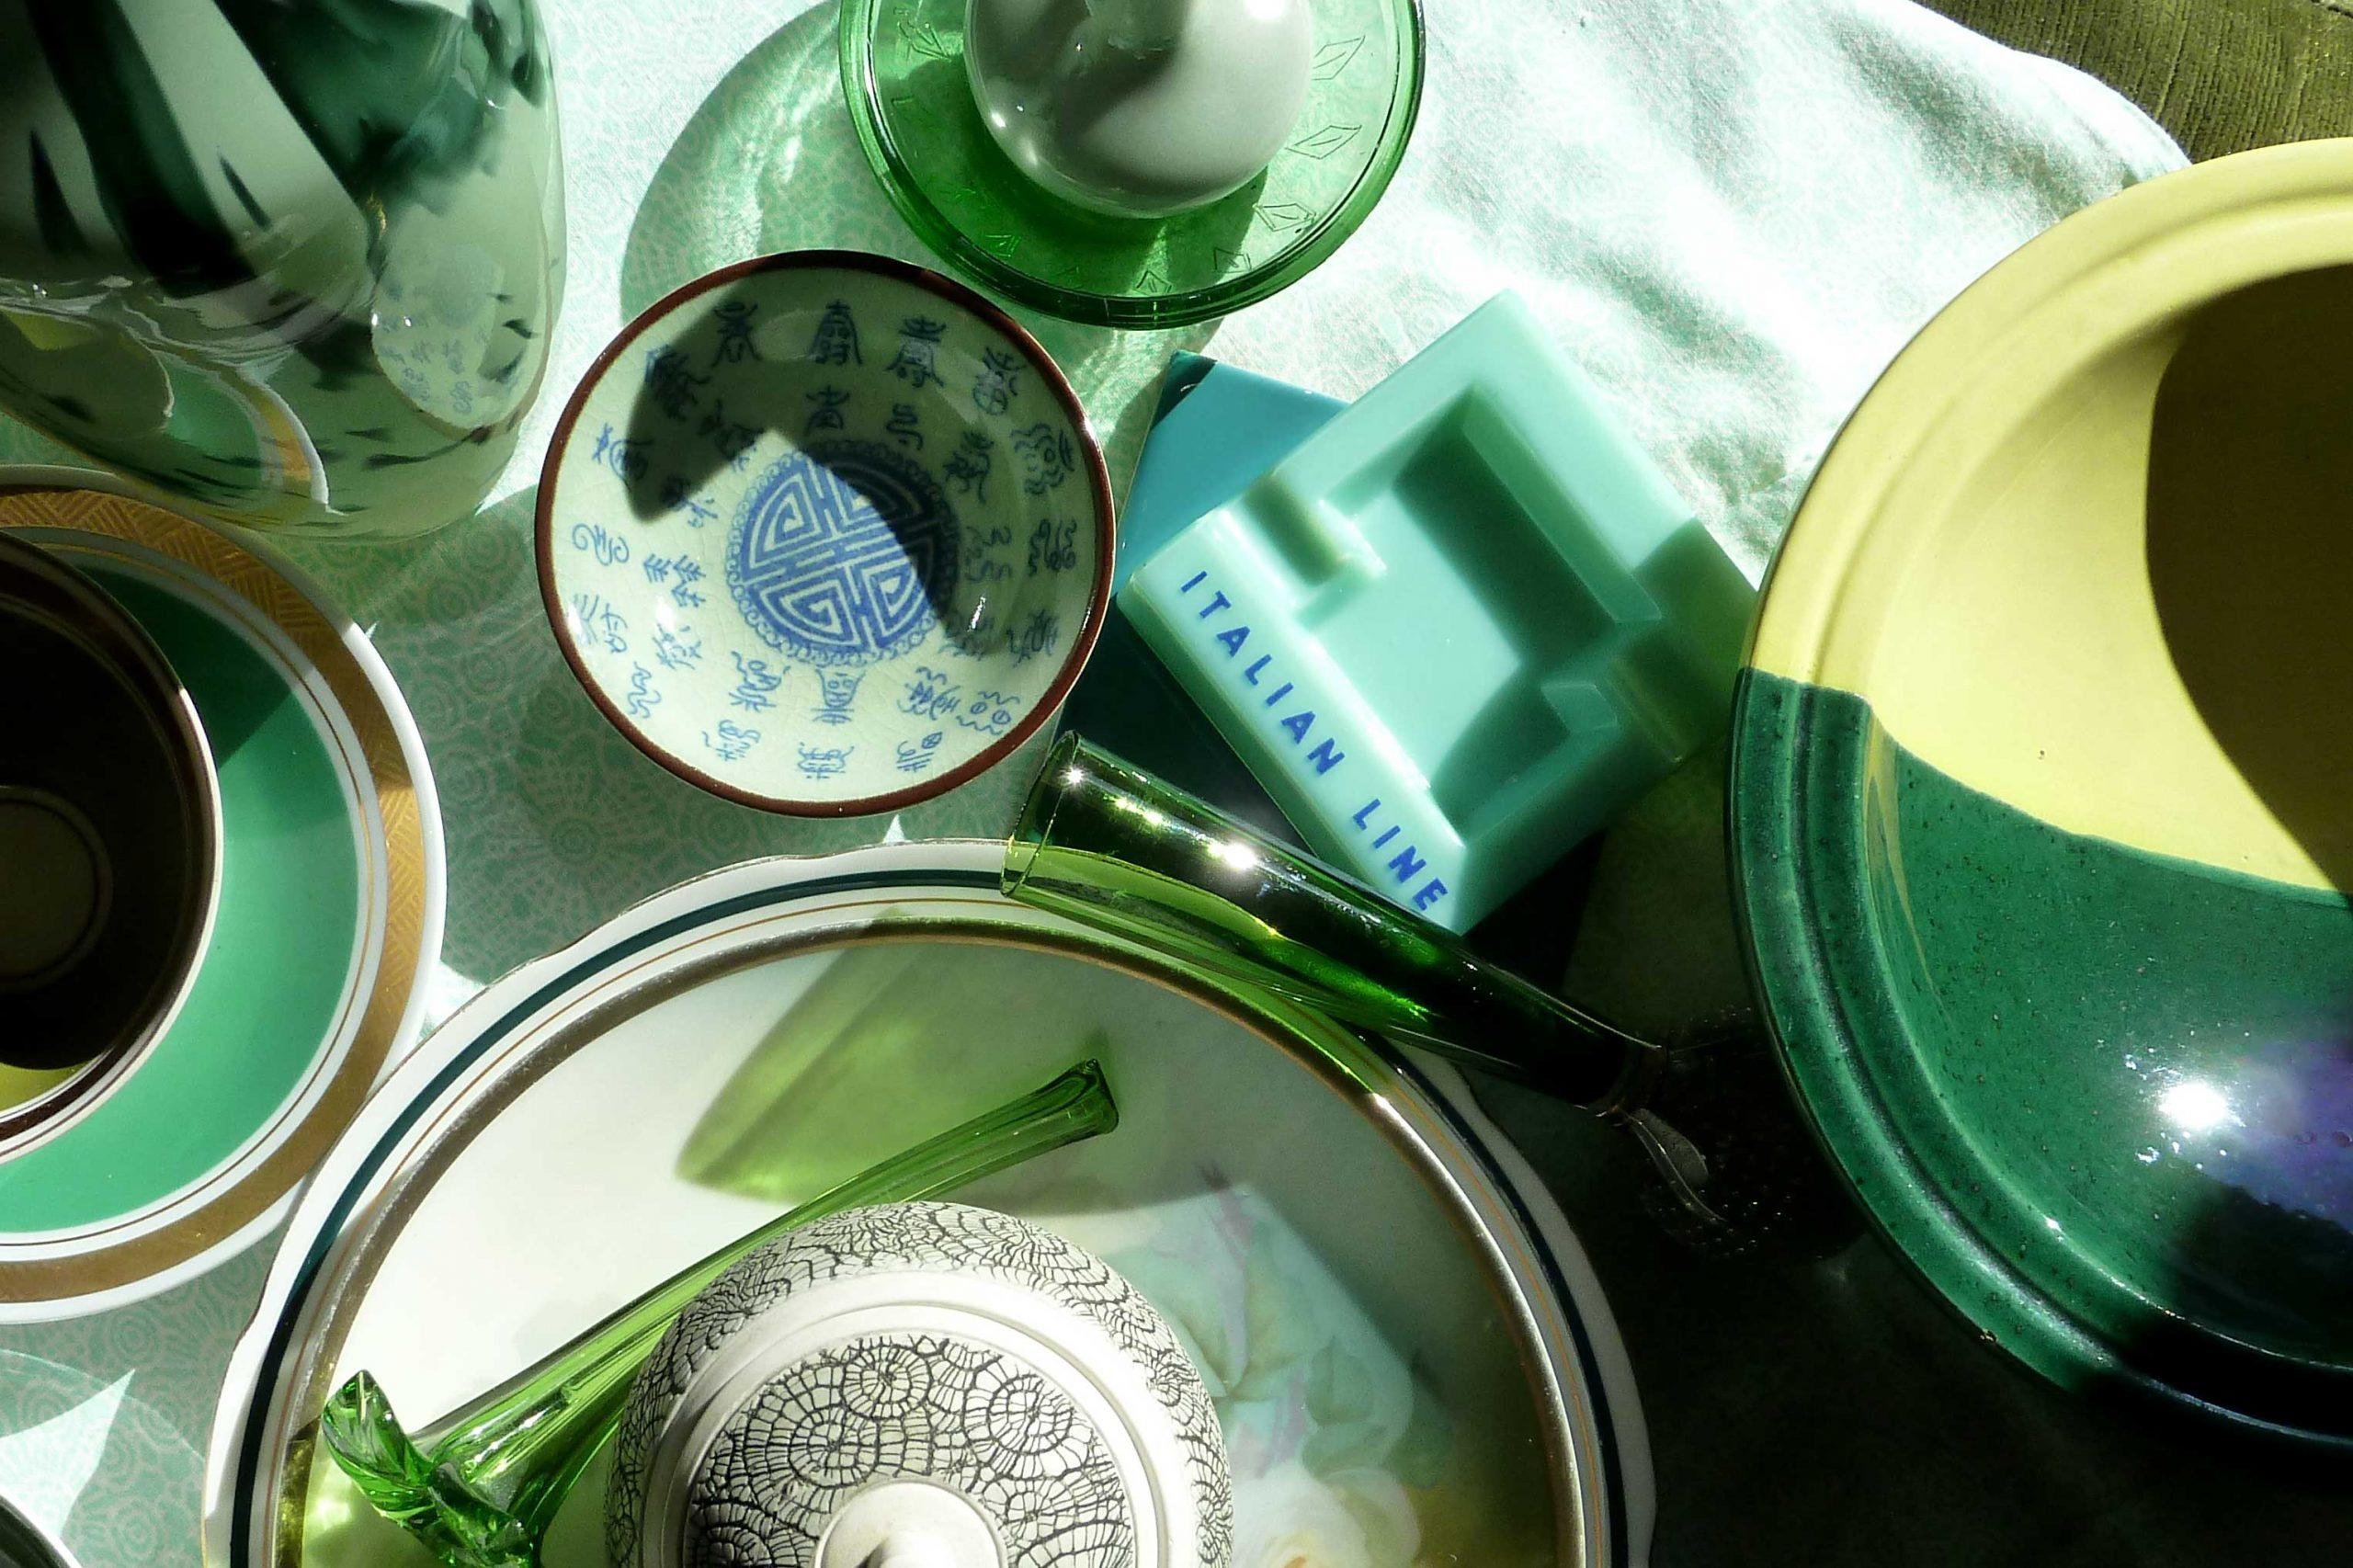 Gegenstände aus grünem GLas und Pporzellan in der Sonne in Mai